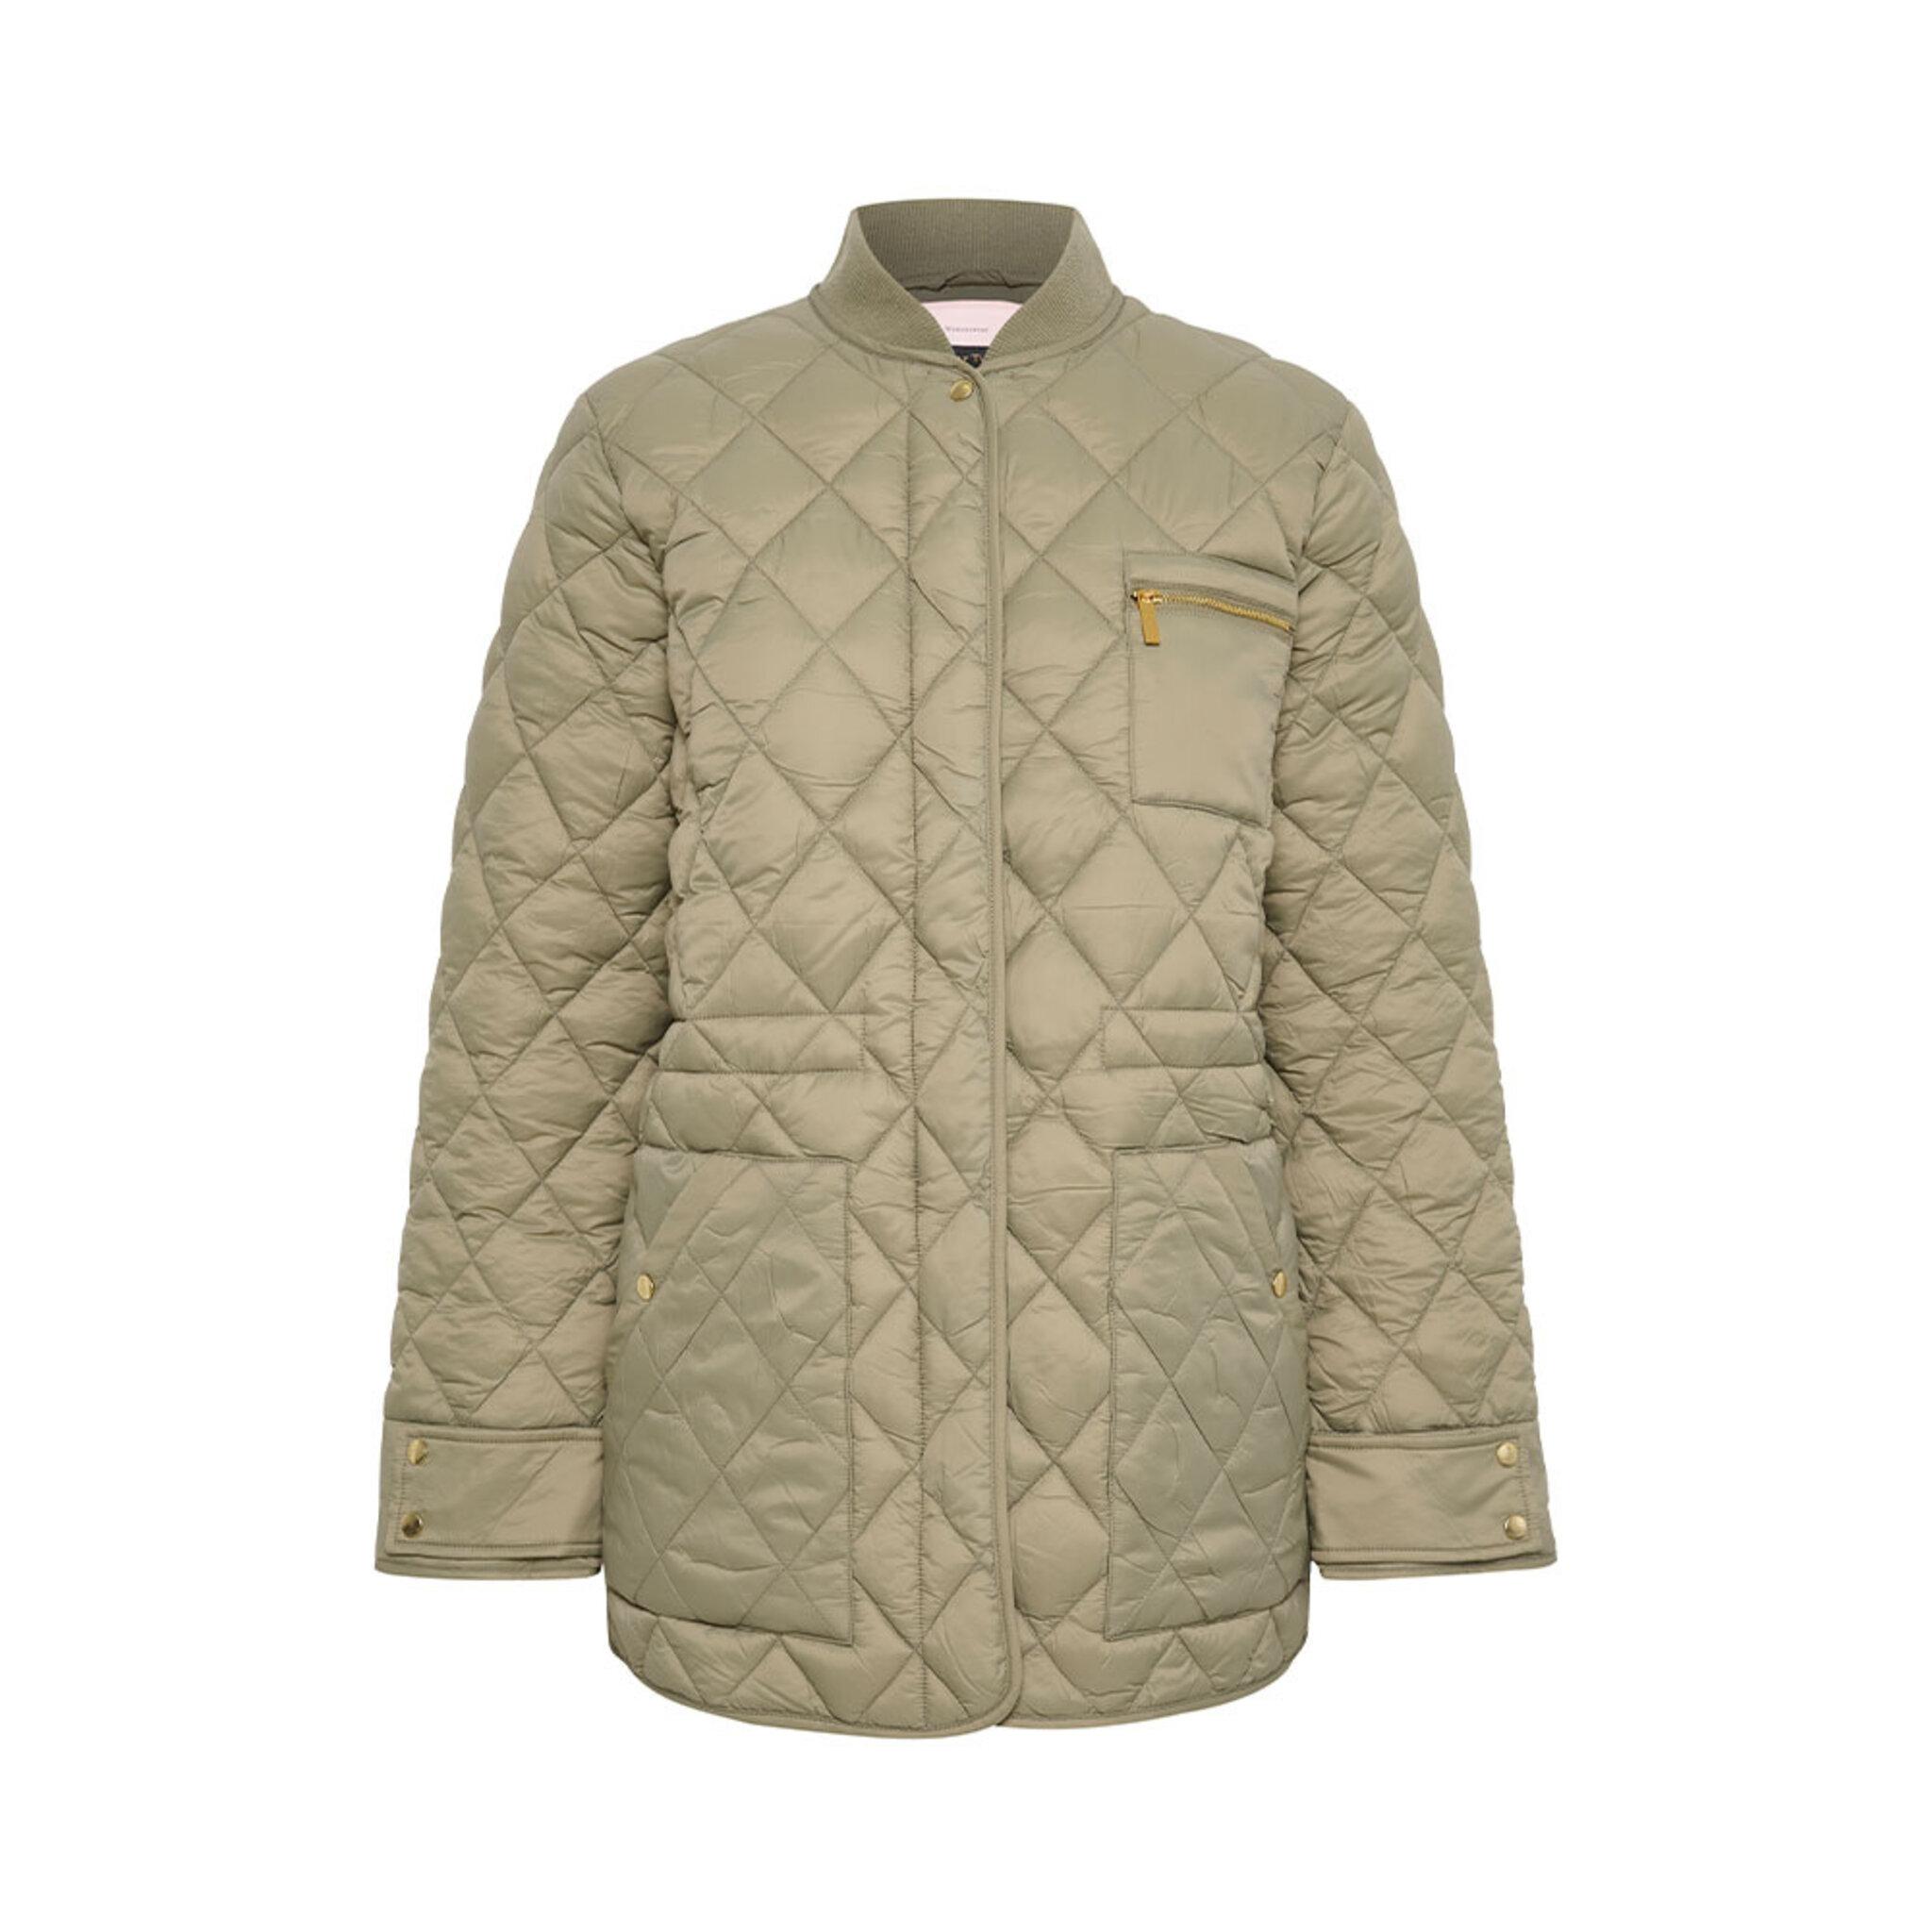 AddaPW Jacket